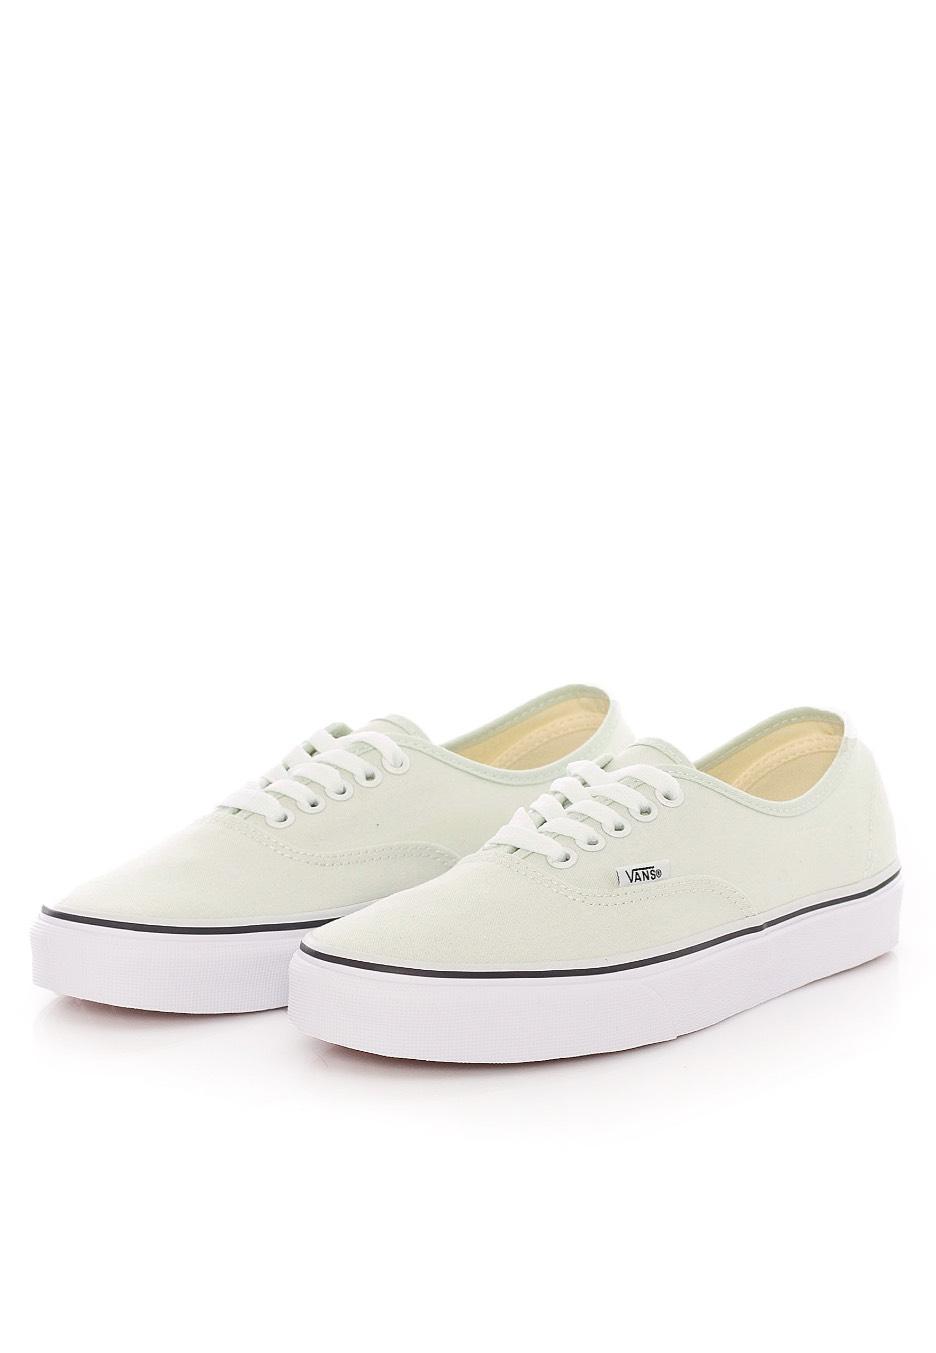 Vans Authentic Blue Flowertrue White Girl Shoes Impericon Us